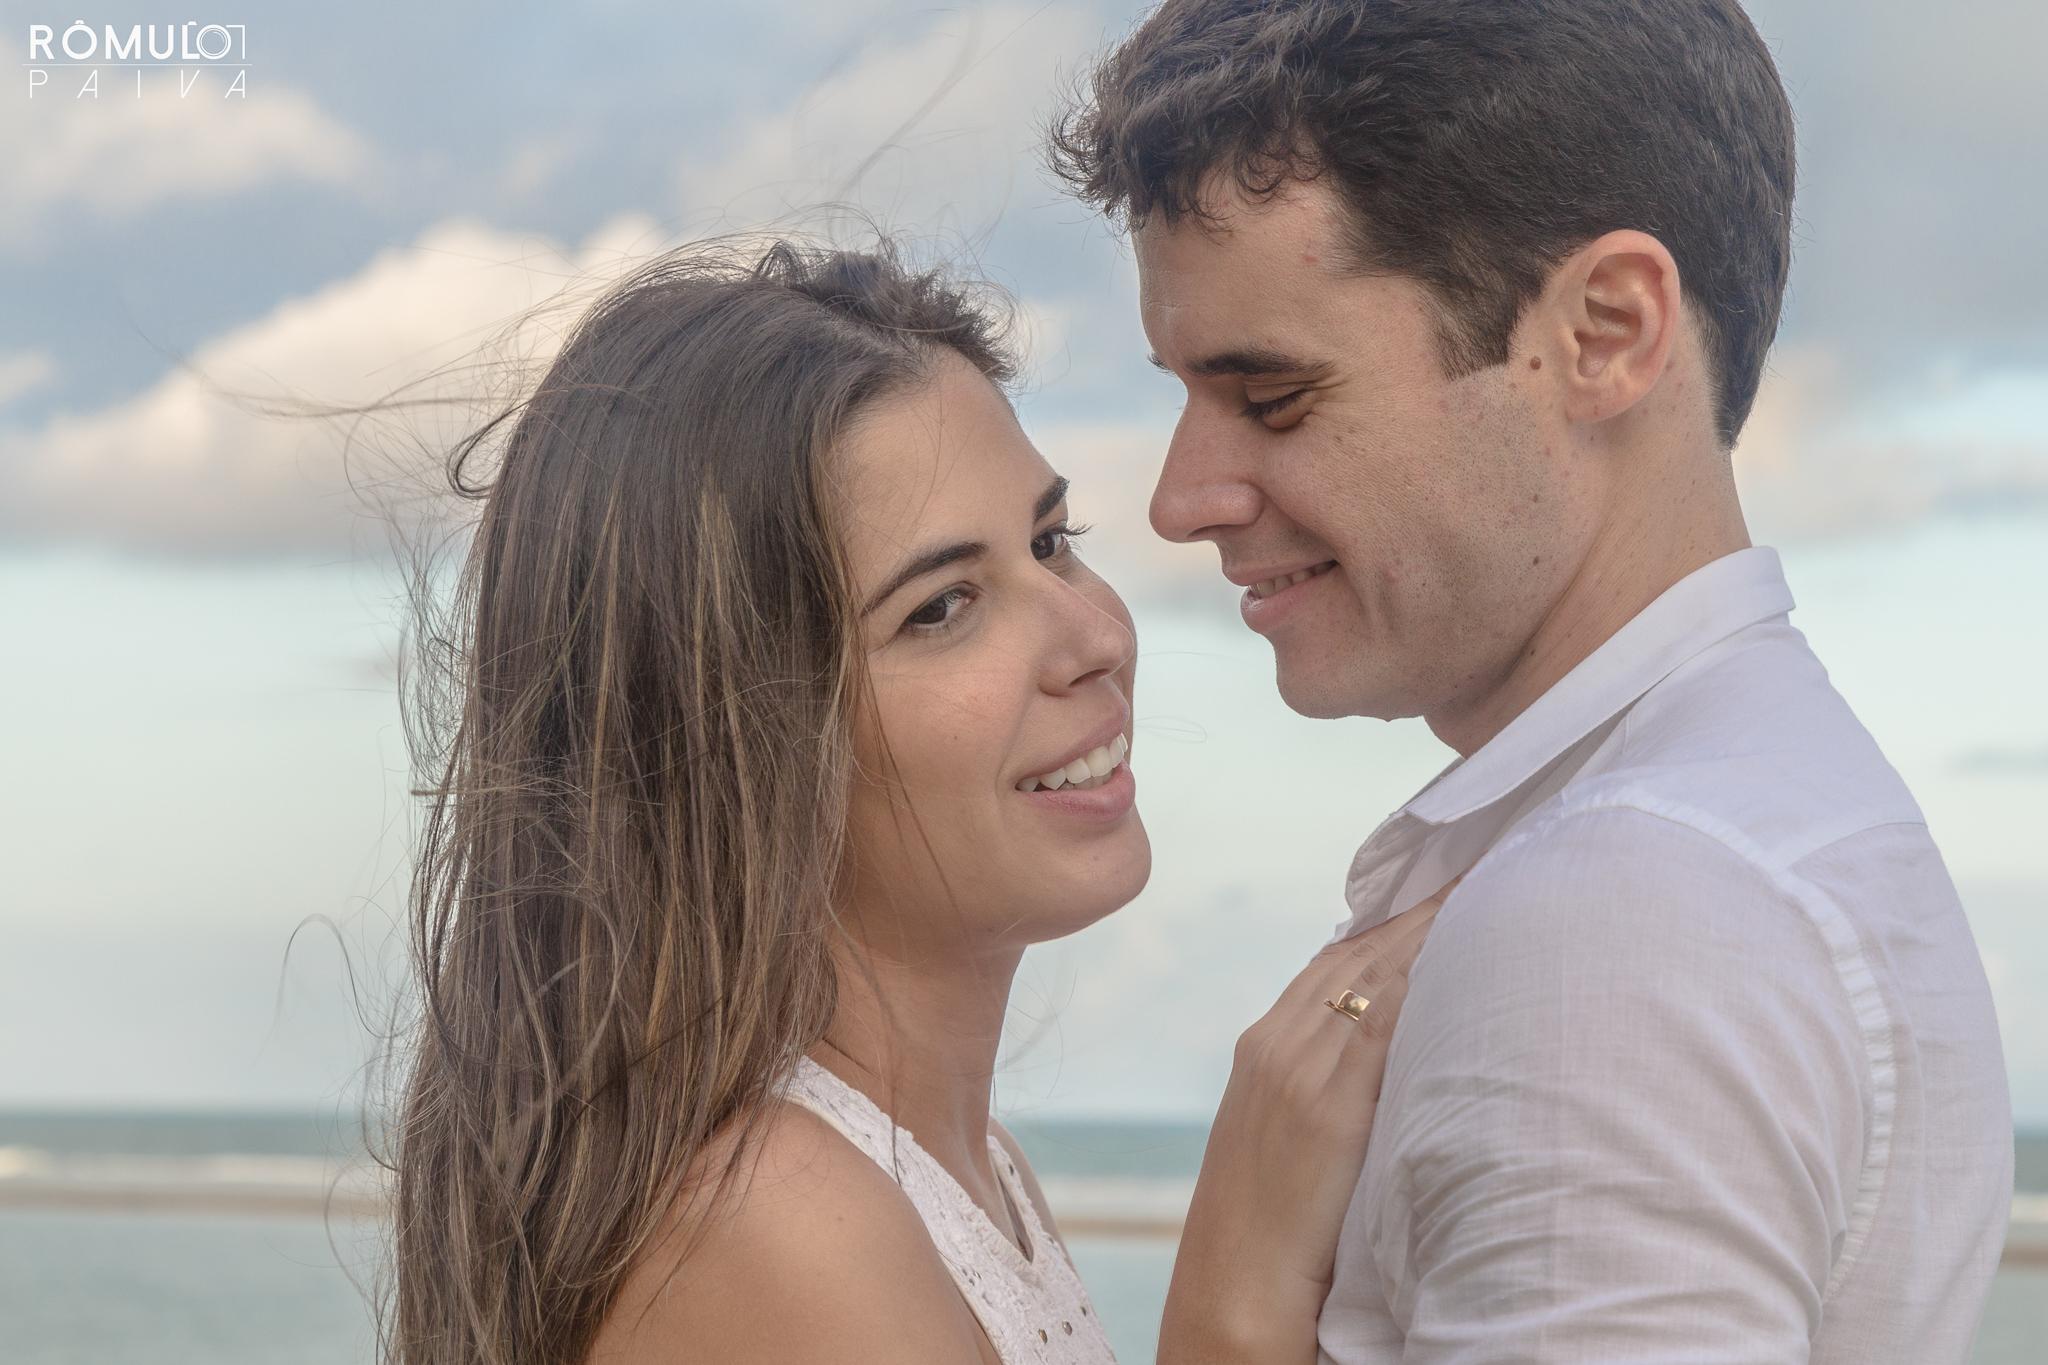 Rômulo Paiva - Pré-Wedding